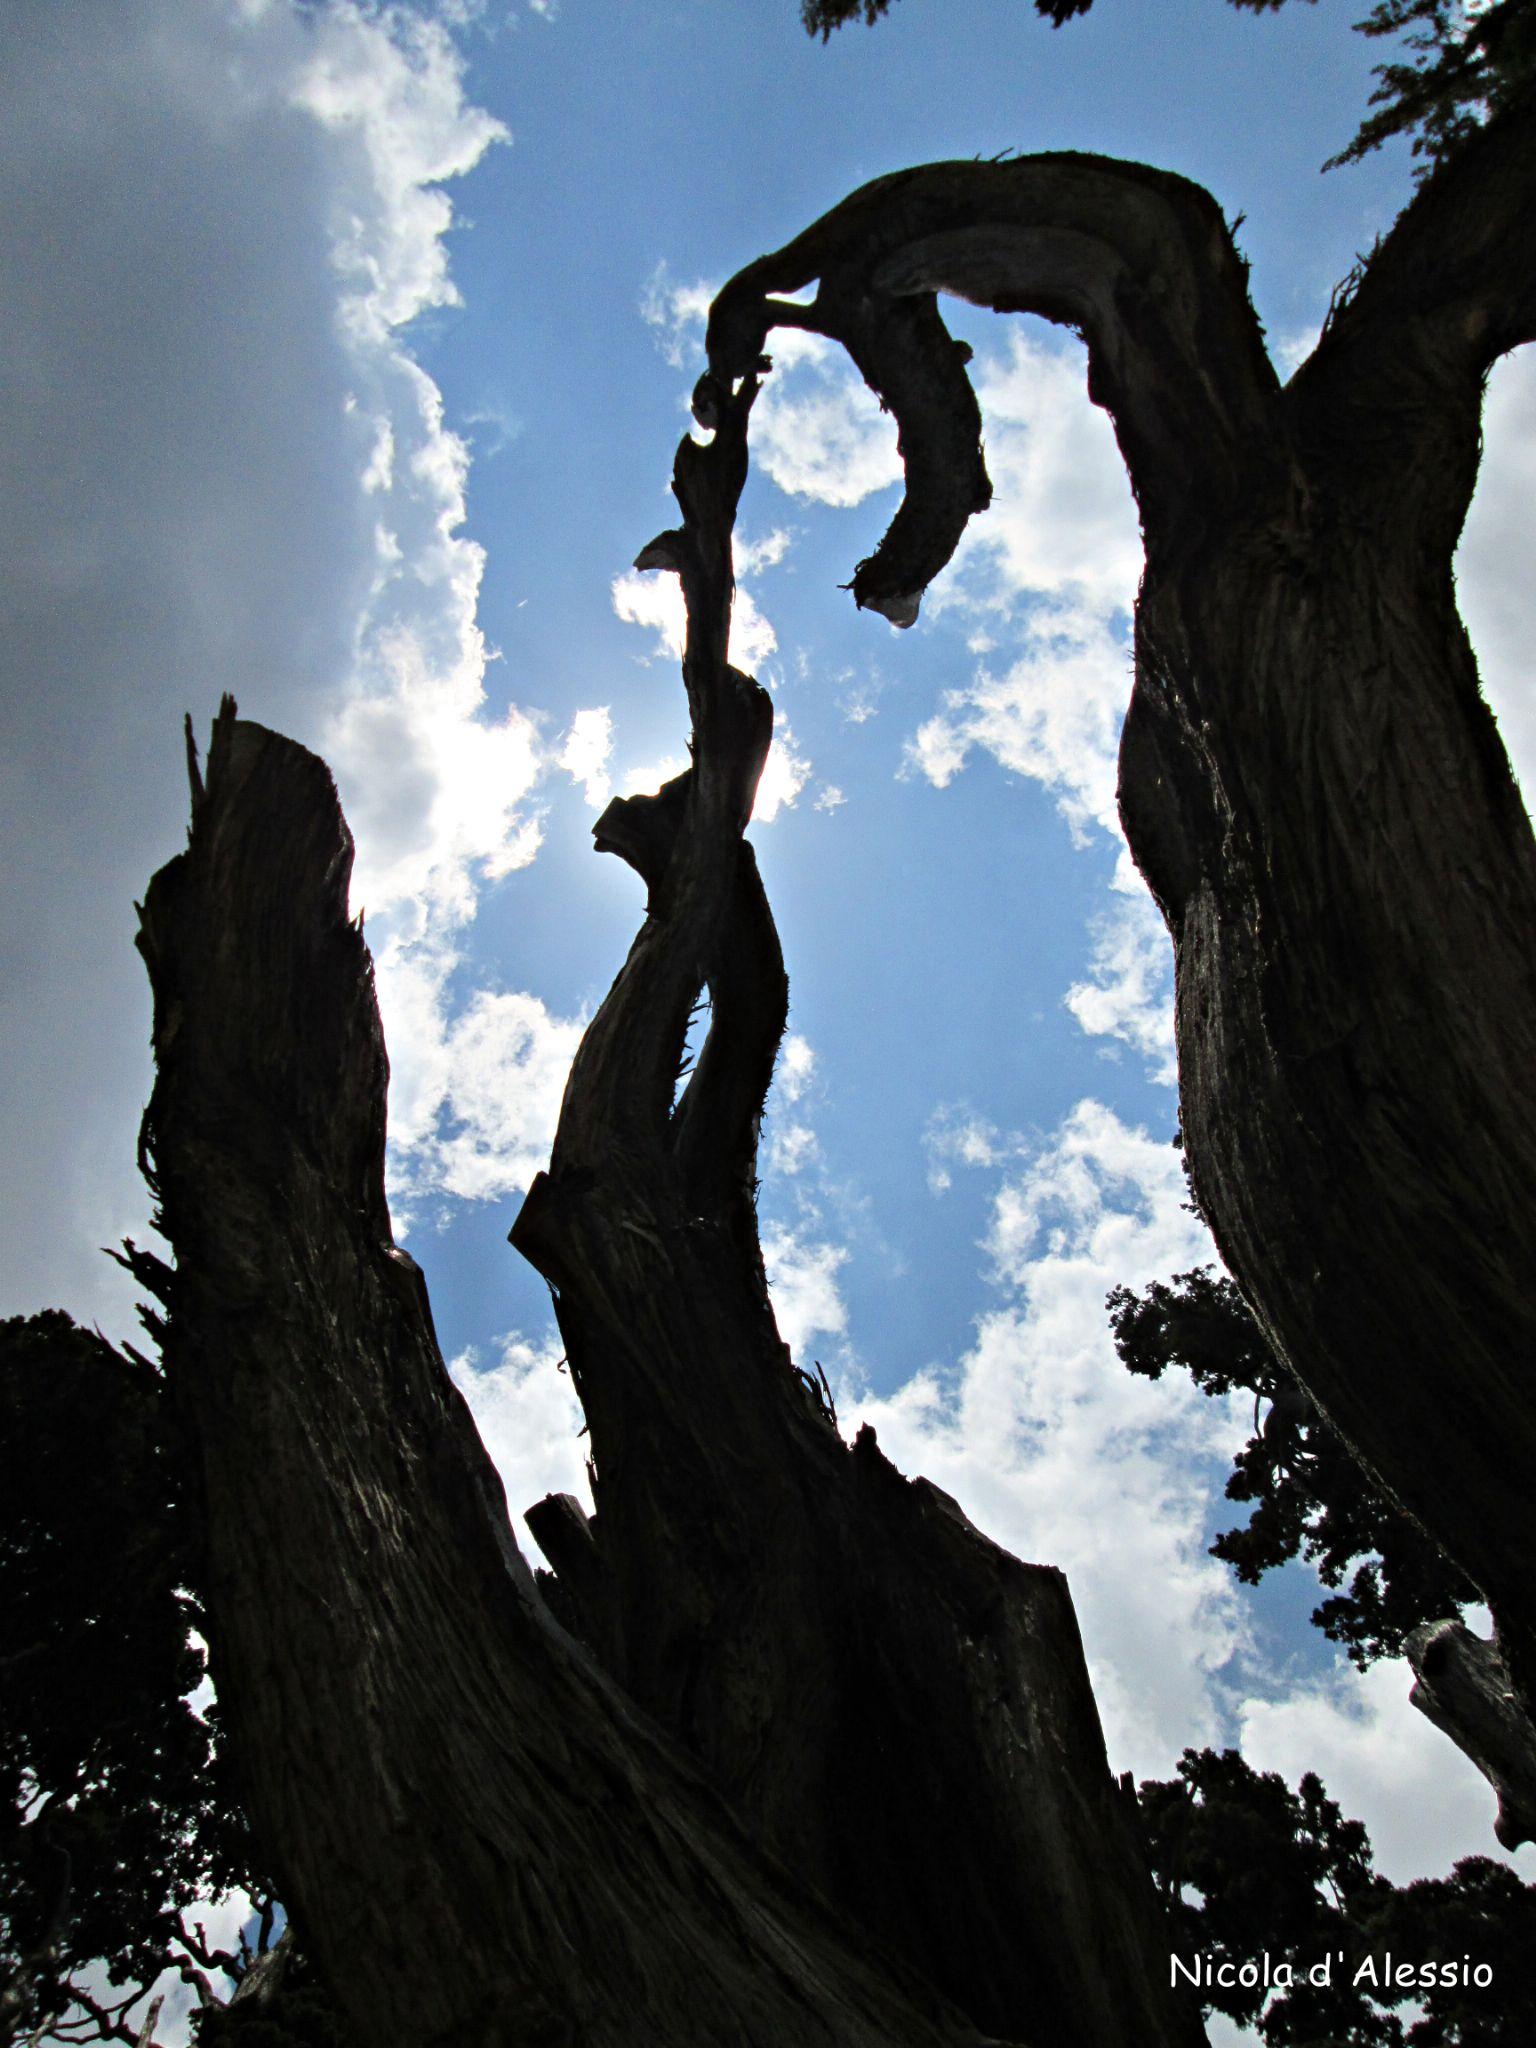 natura morta by dalessionicola